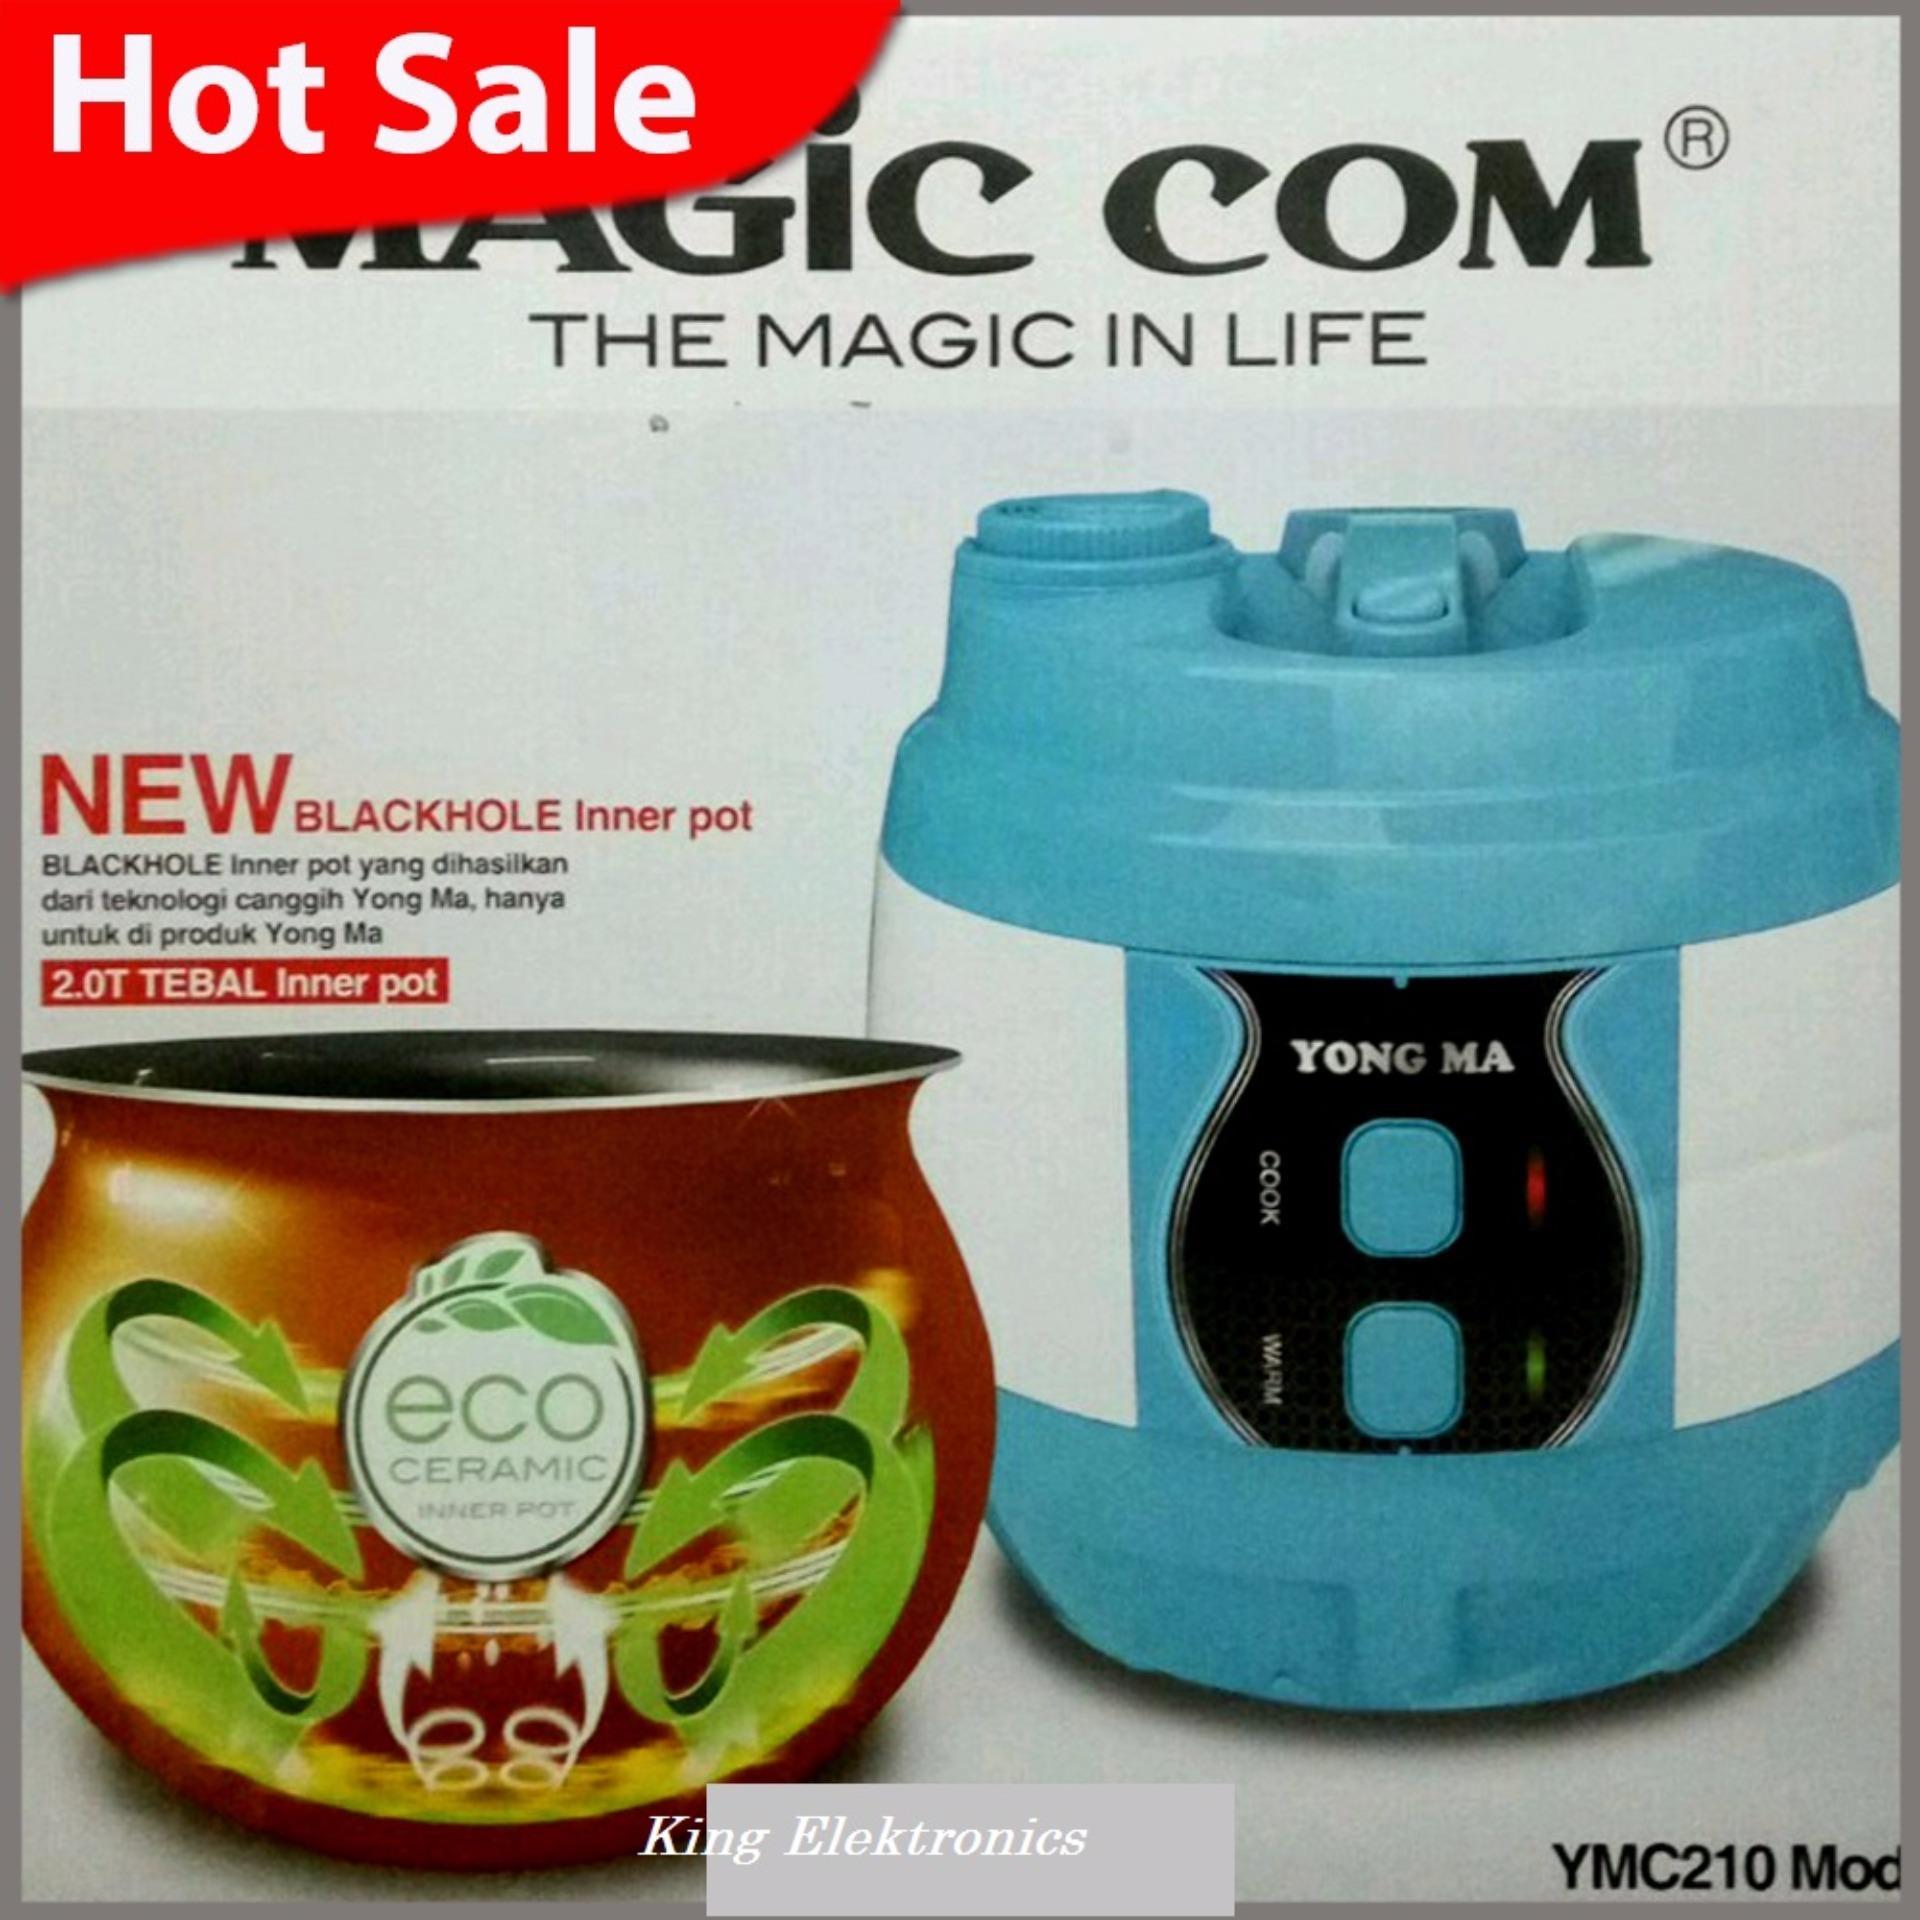 Harga Saya Yong Ma Magic Com Rice Cooker Blackhole Inner Pot Ymc 210 Digital Mc Kap